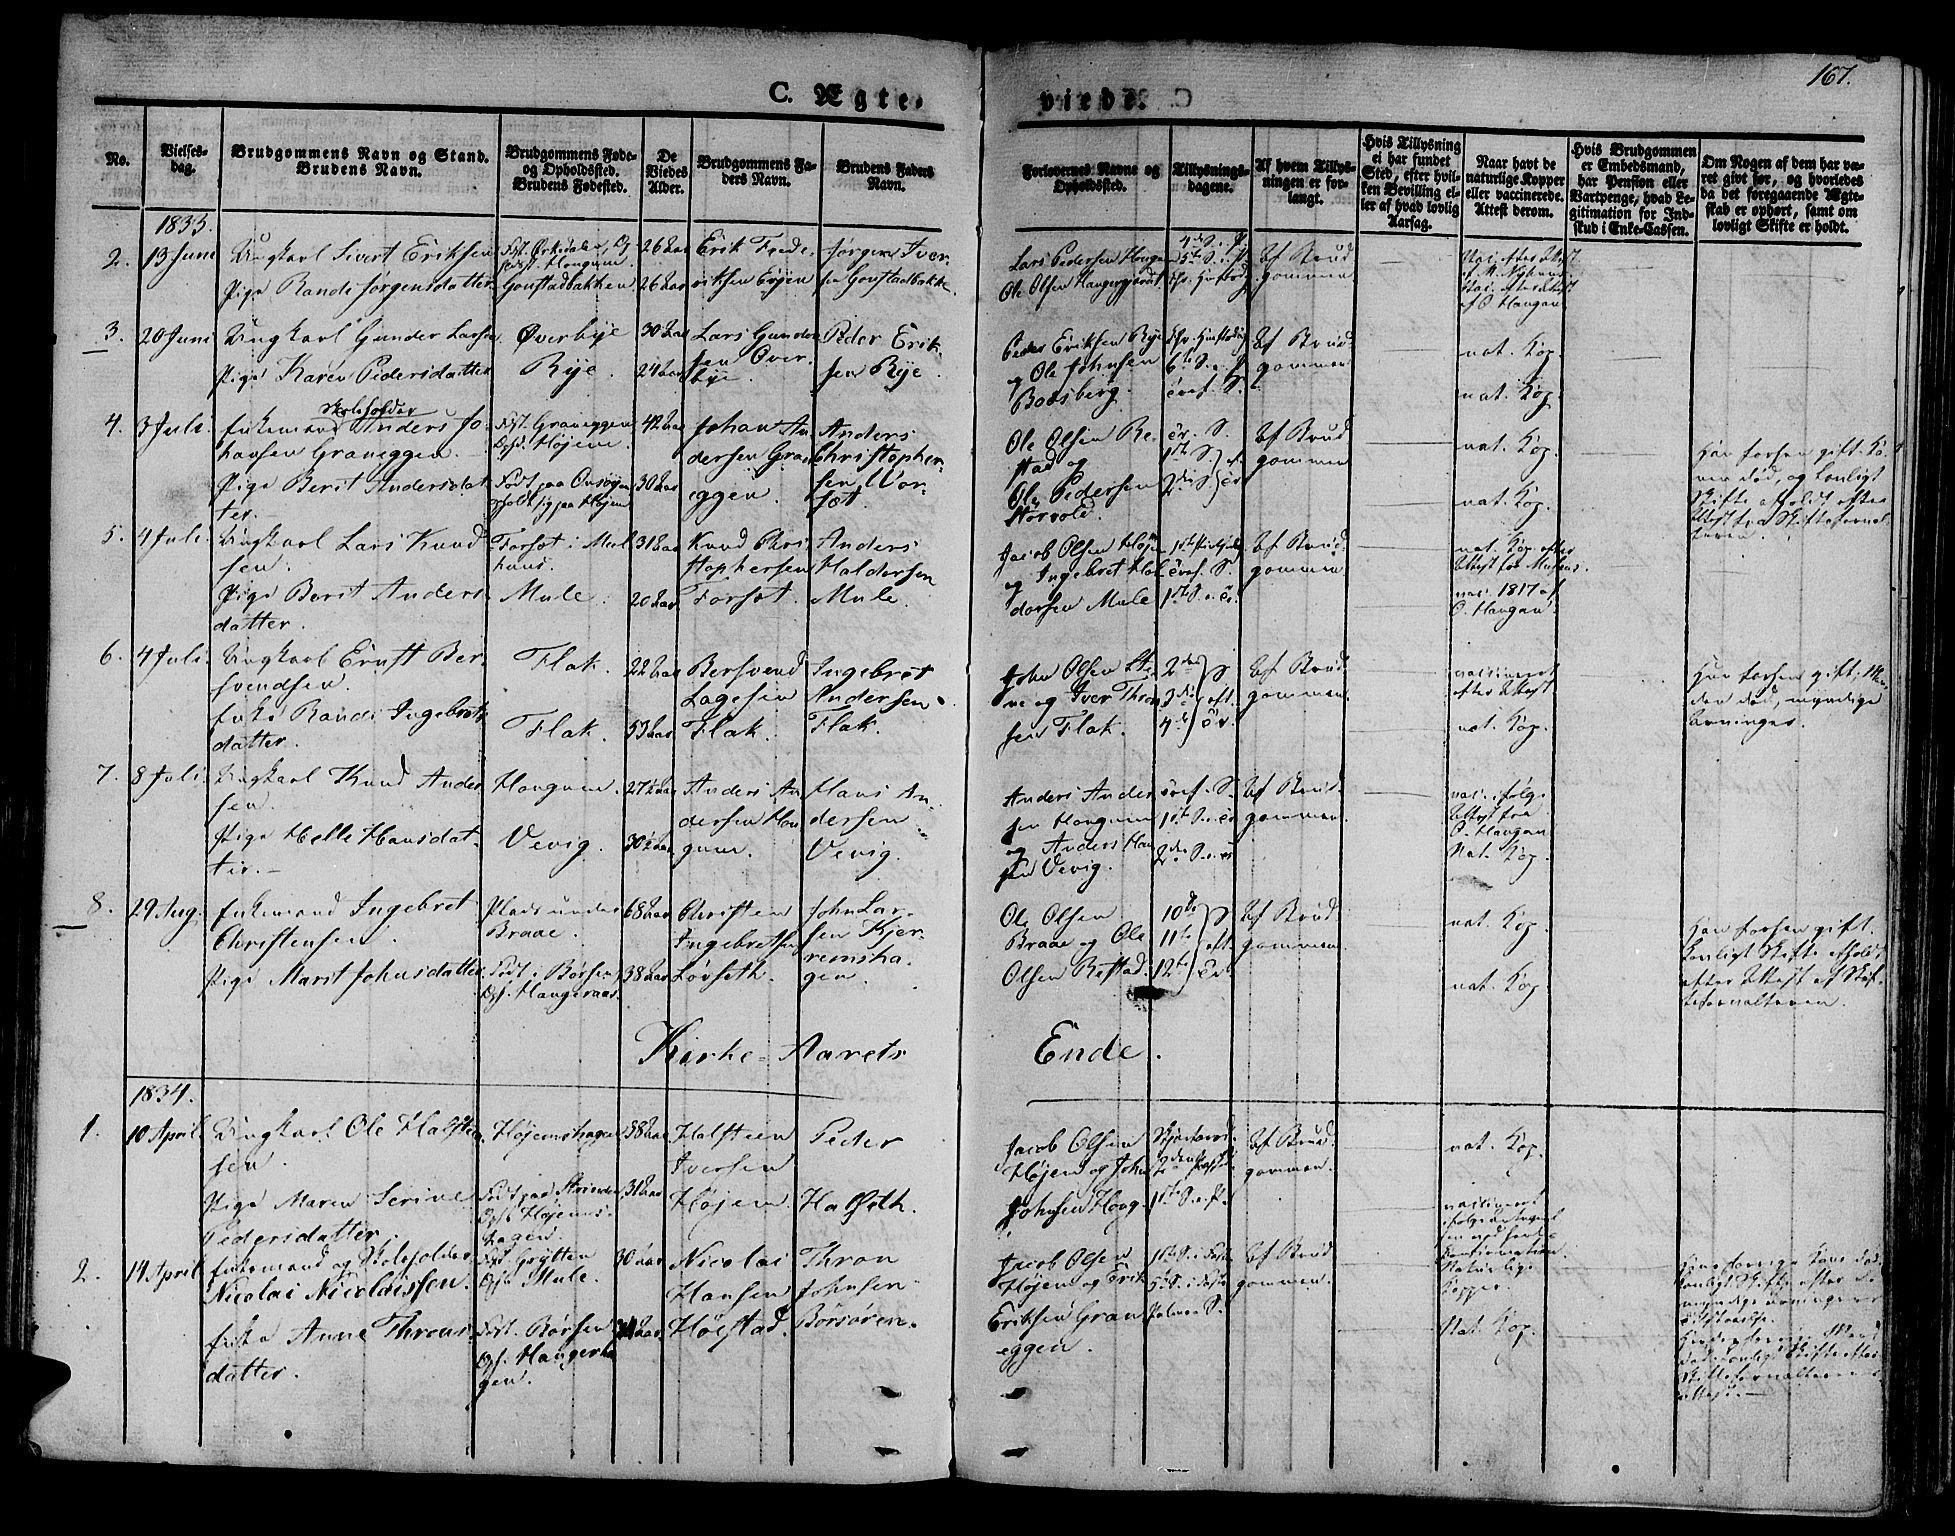 SAT, Ministerialprotokoller, klokkerbøker og fødselsregistre - Sør-Trøndelag, 612/L0374: Ministerialbok nr. 612A07 /1, 1829-1845, s. 167